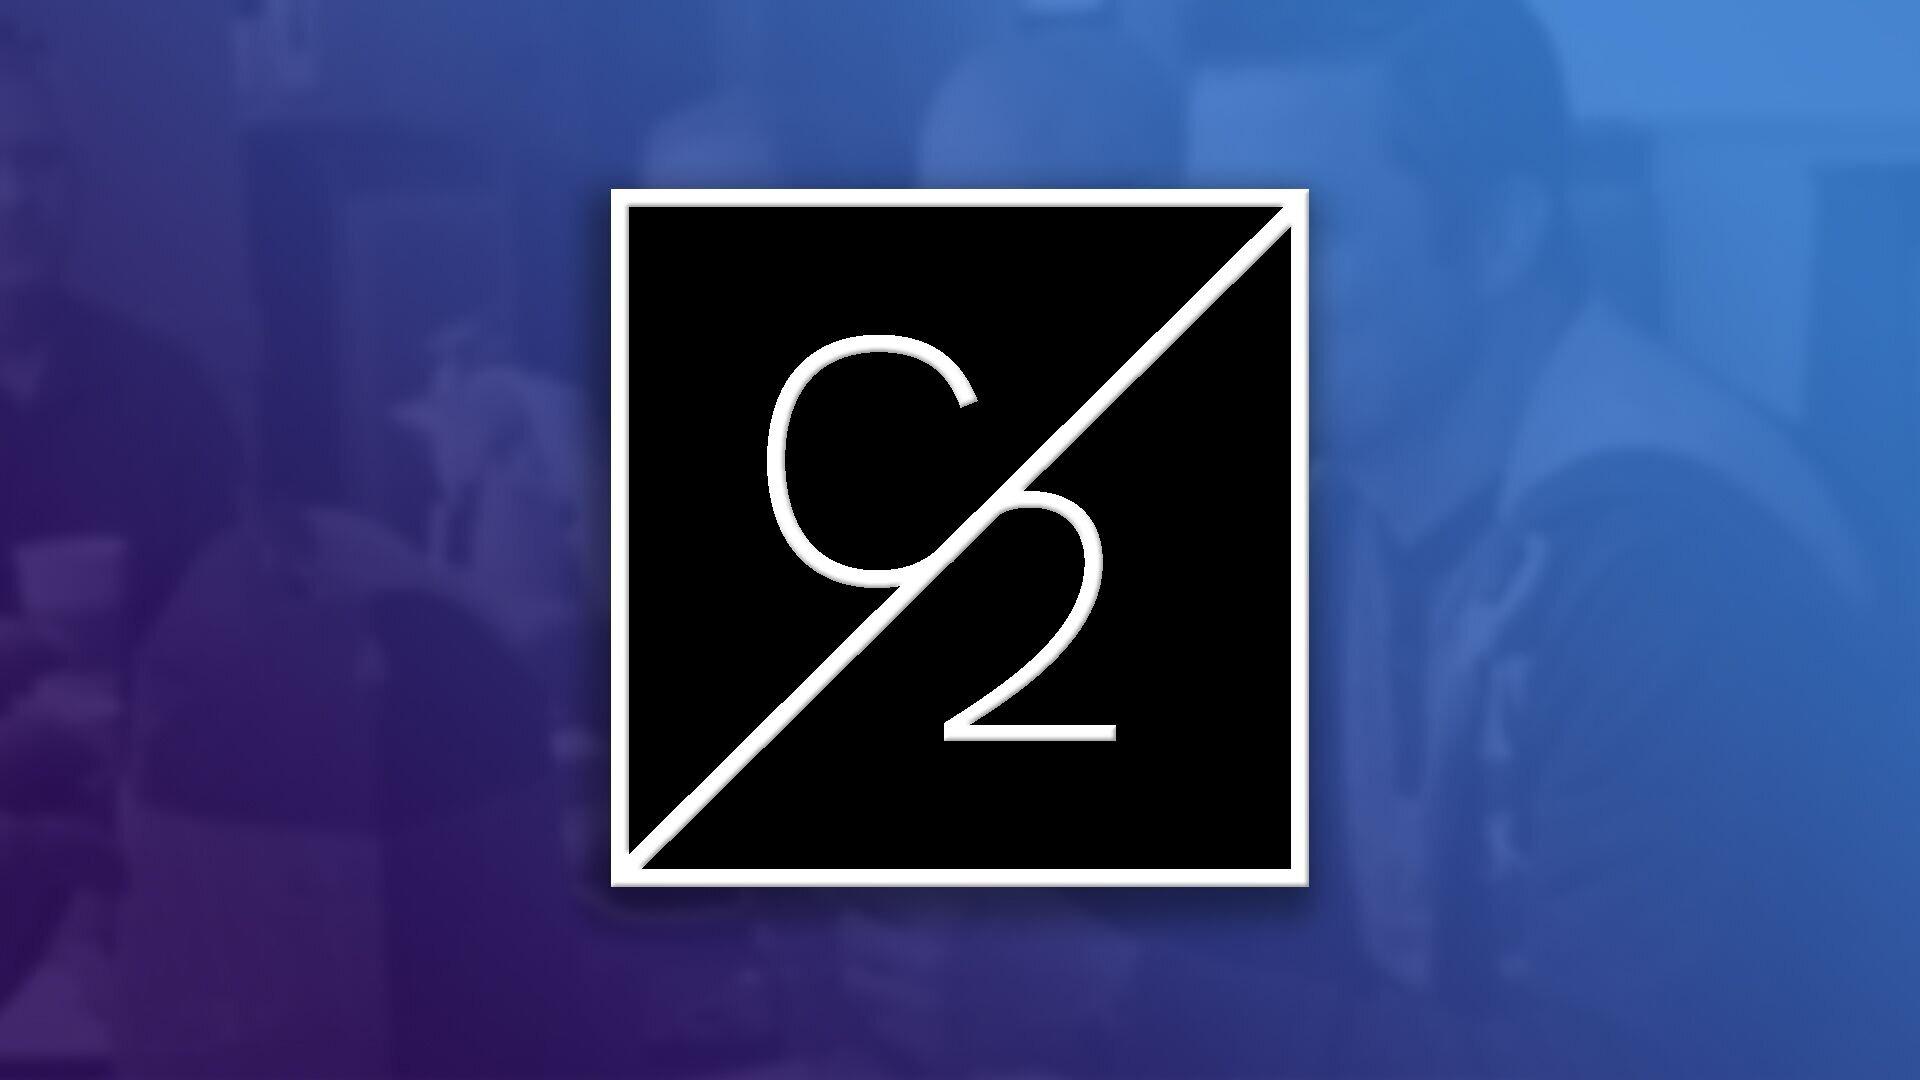 c2, new.jpeg